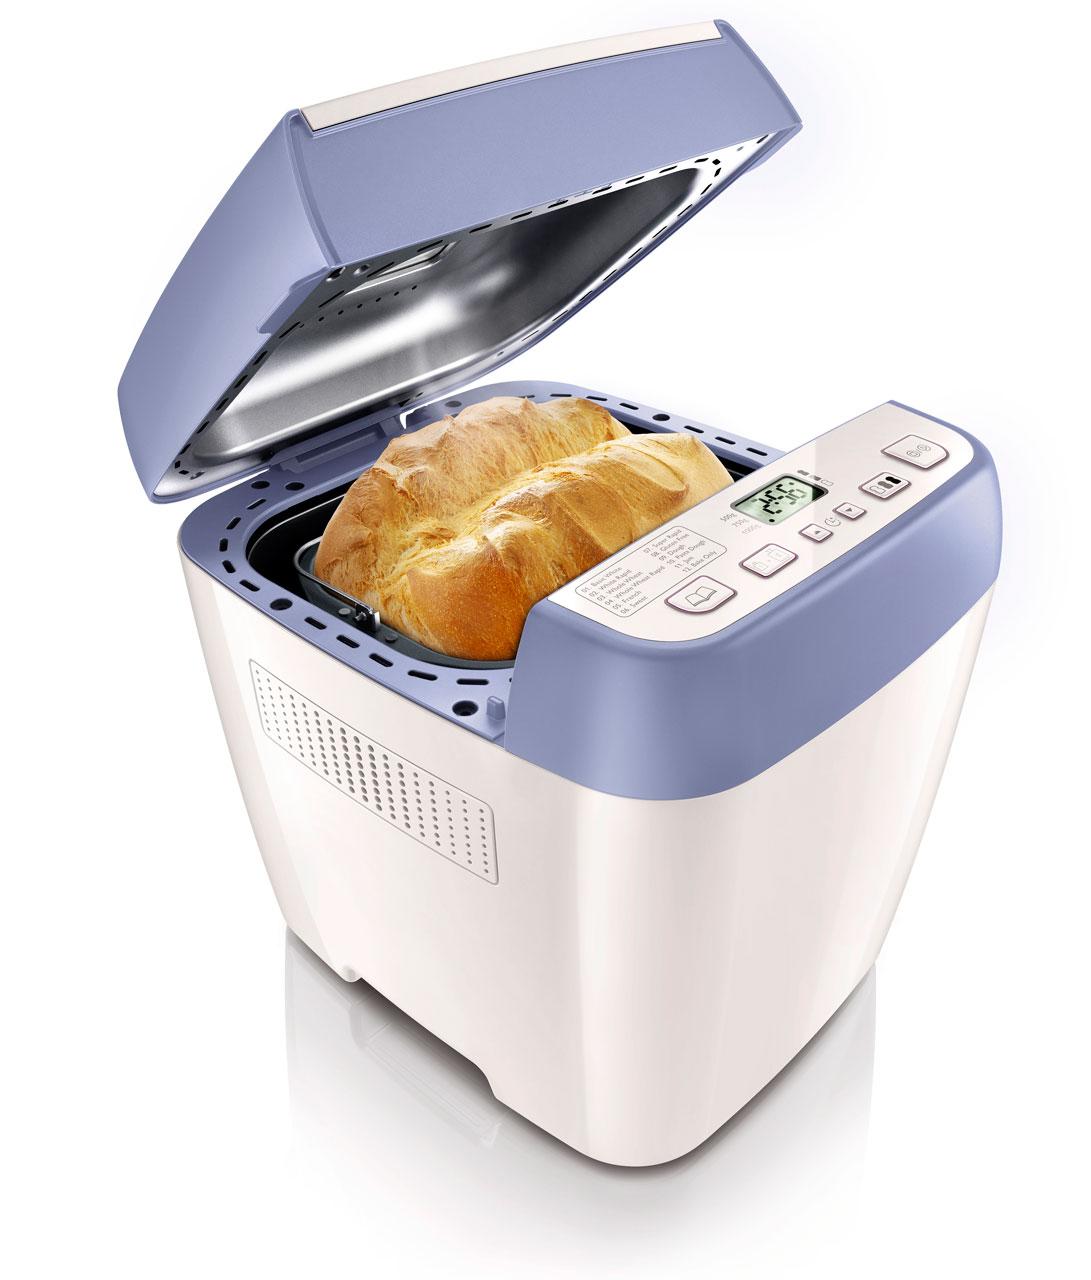 Tällä leipäkoneella syntyvät niin leivät, kakut kuin hillotkin. Viva Collection -leipäkone on varustettu 12 erilaisella ohjelmalla ja erikoisaineksia sisältävien leipien valmistus onnistuu myös kätevästi. 13 tunnin ajastin. Hinta noin 120 euroa. Lisätietoja Philips, www.philps.fi